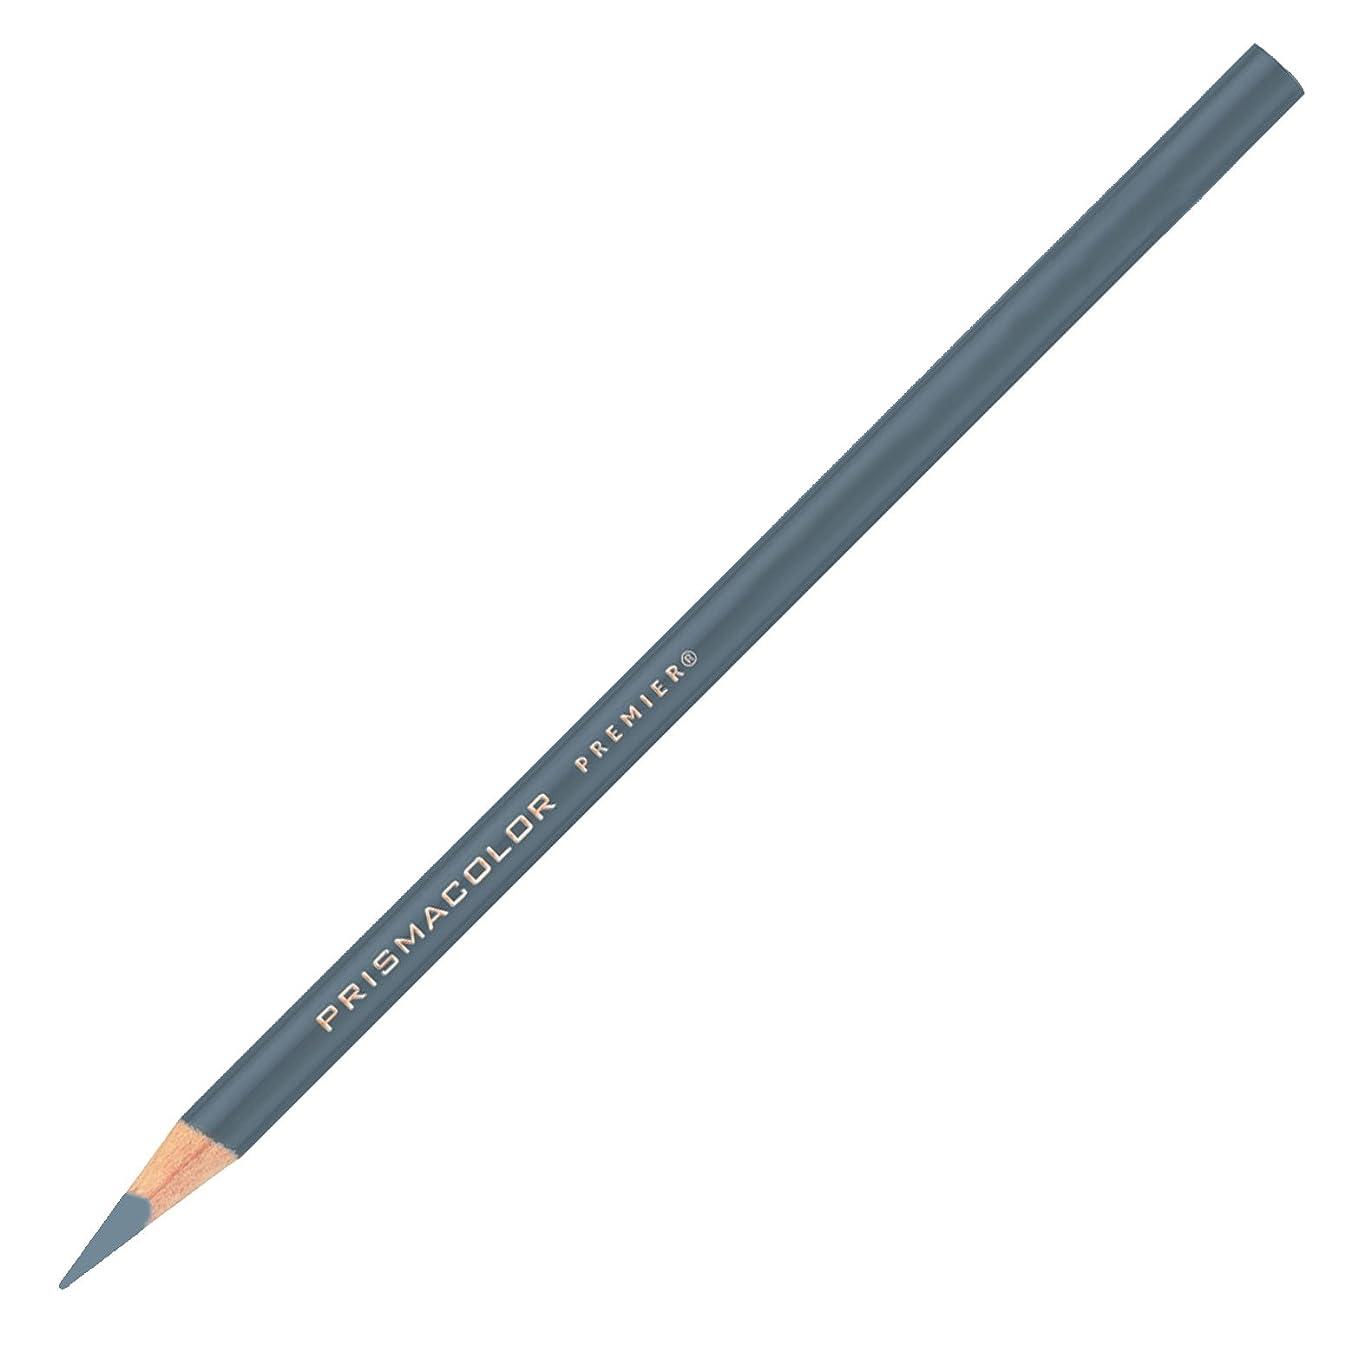 Prismacolor Premier Colored Pencil, Warm Grey 70% (3438)